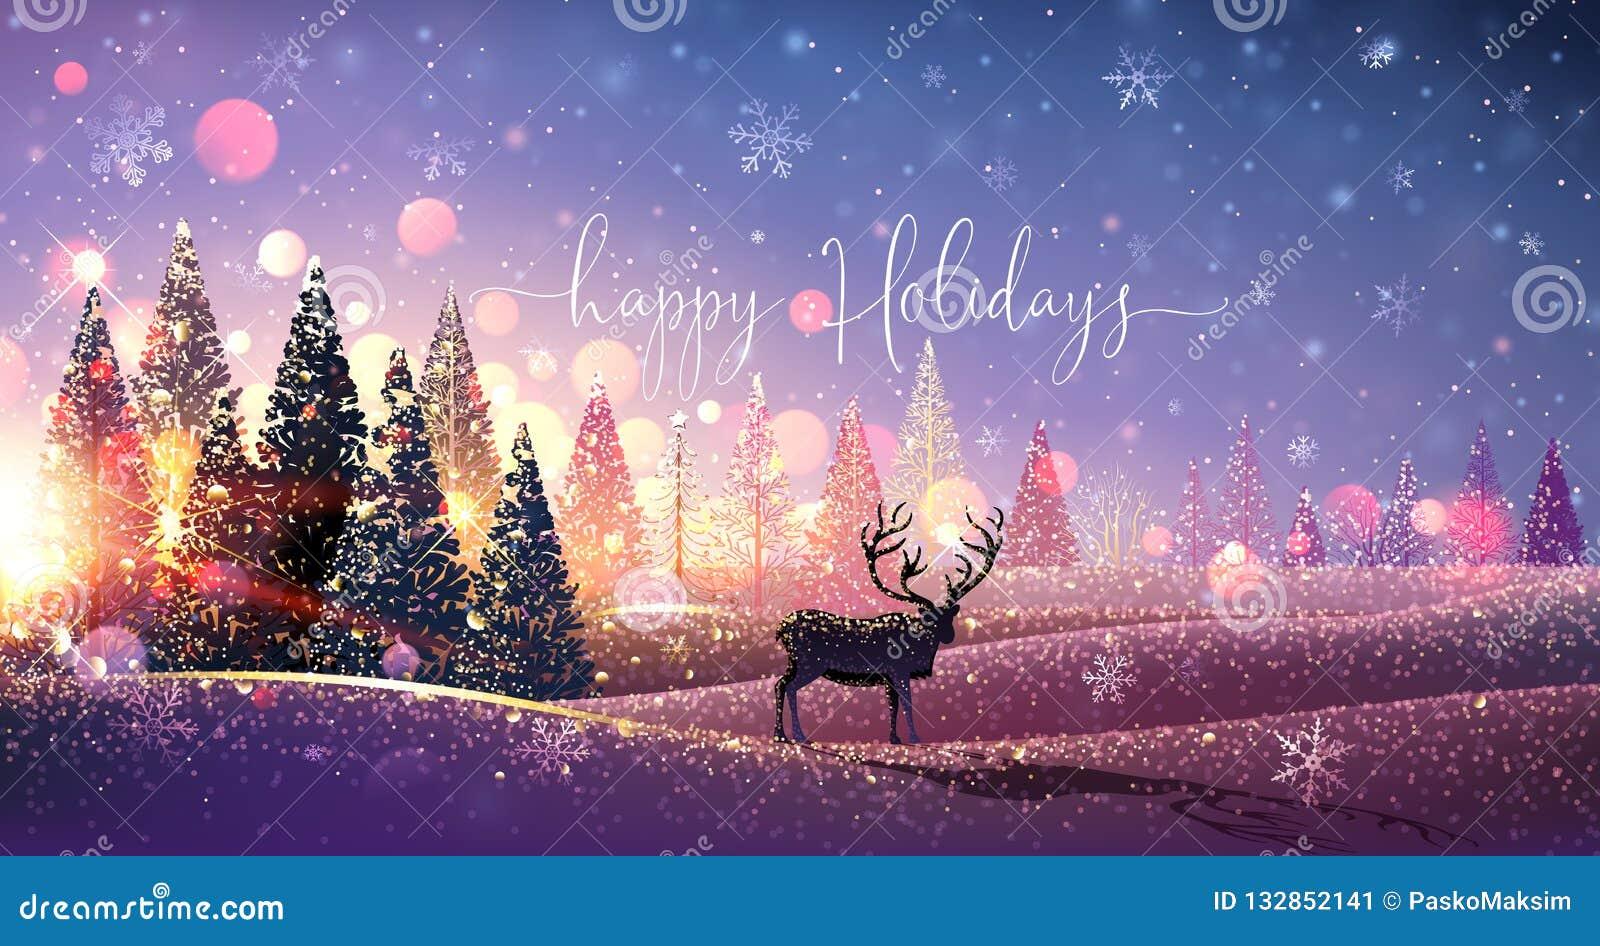 Cartão de Natal com rena, inverno Sunny Landscape Vetor